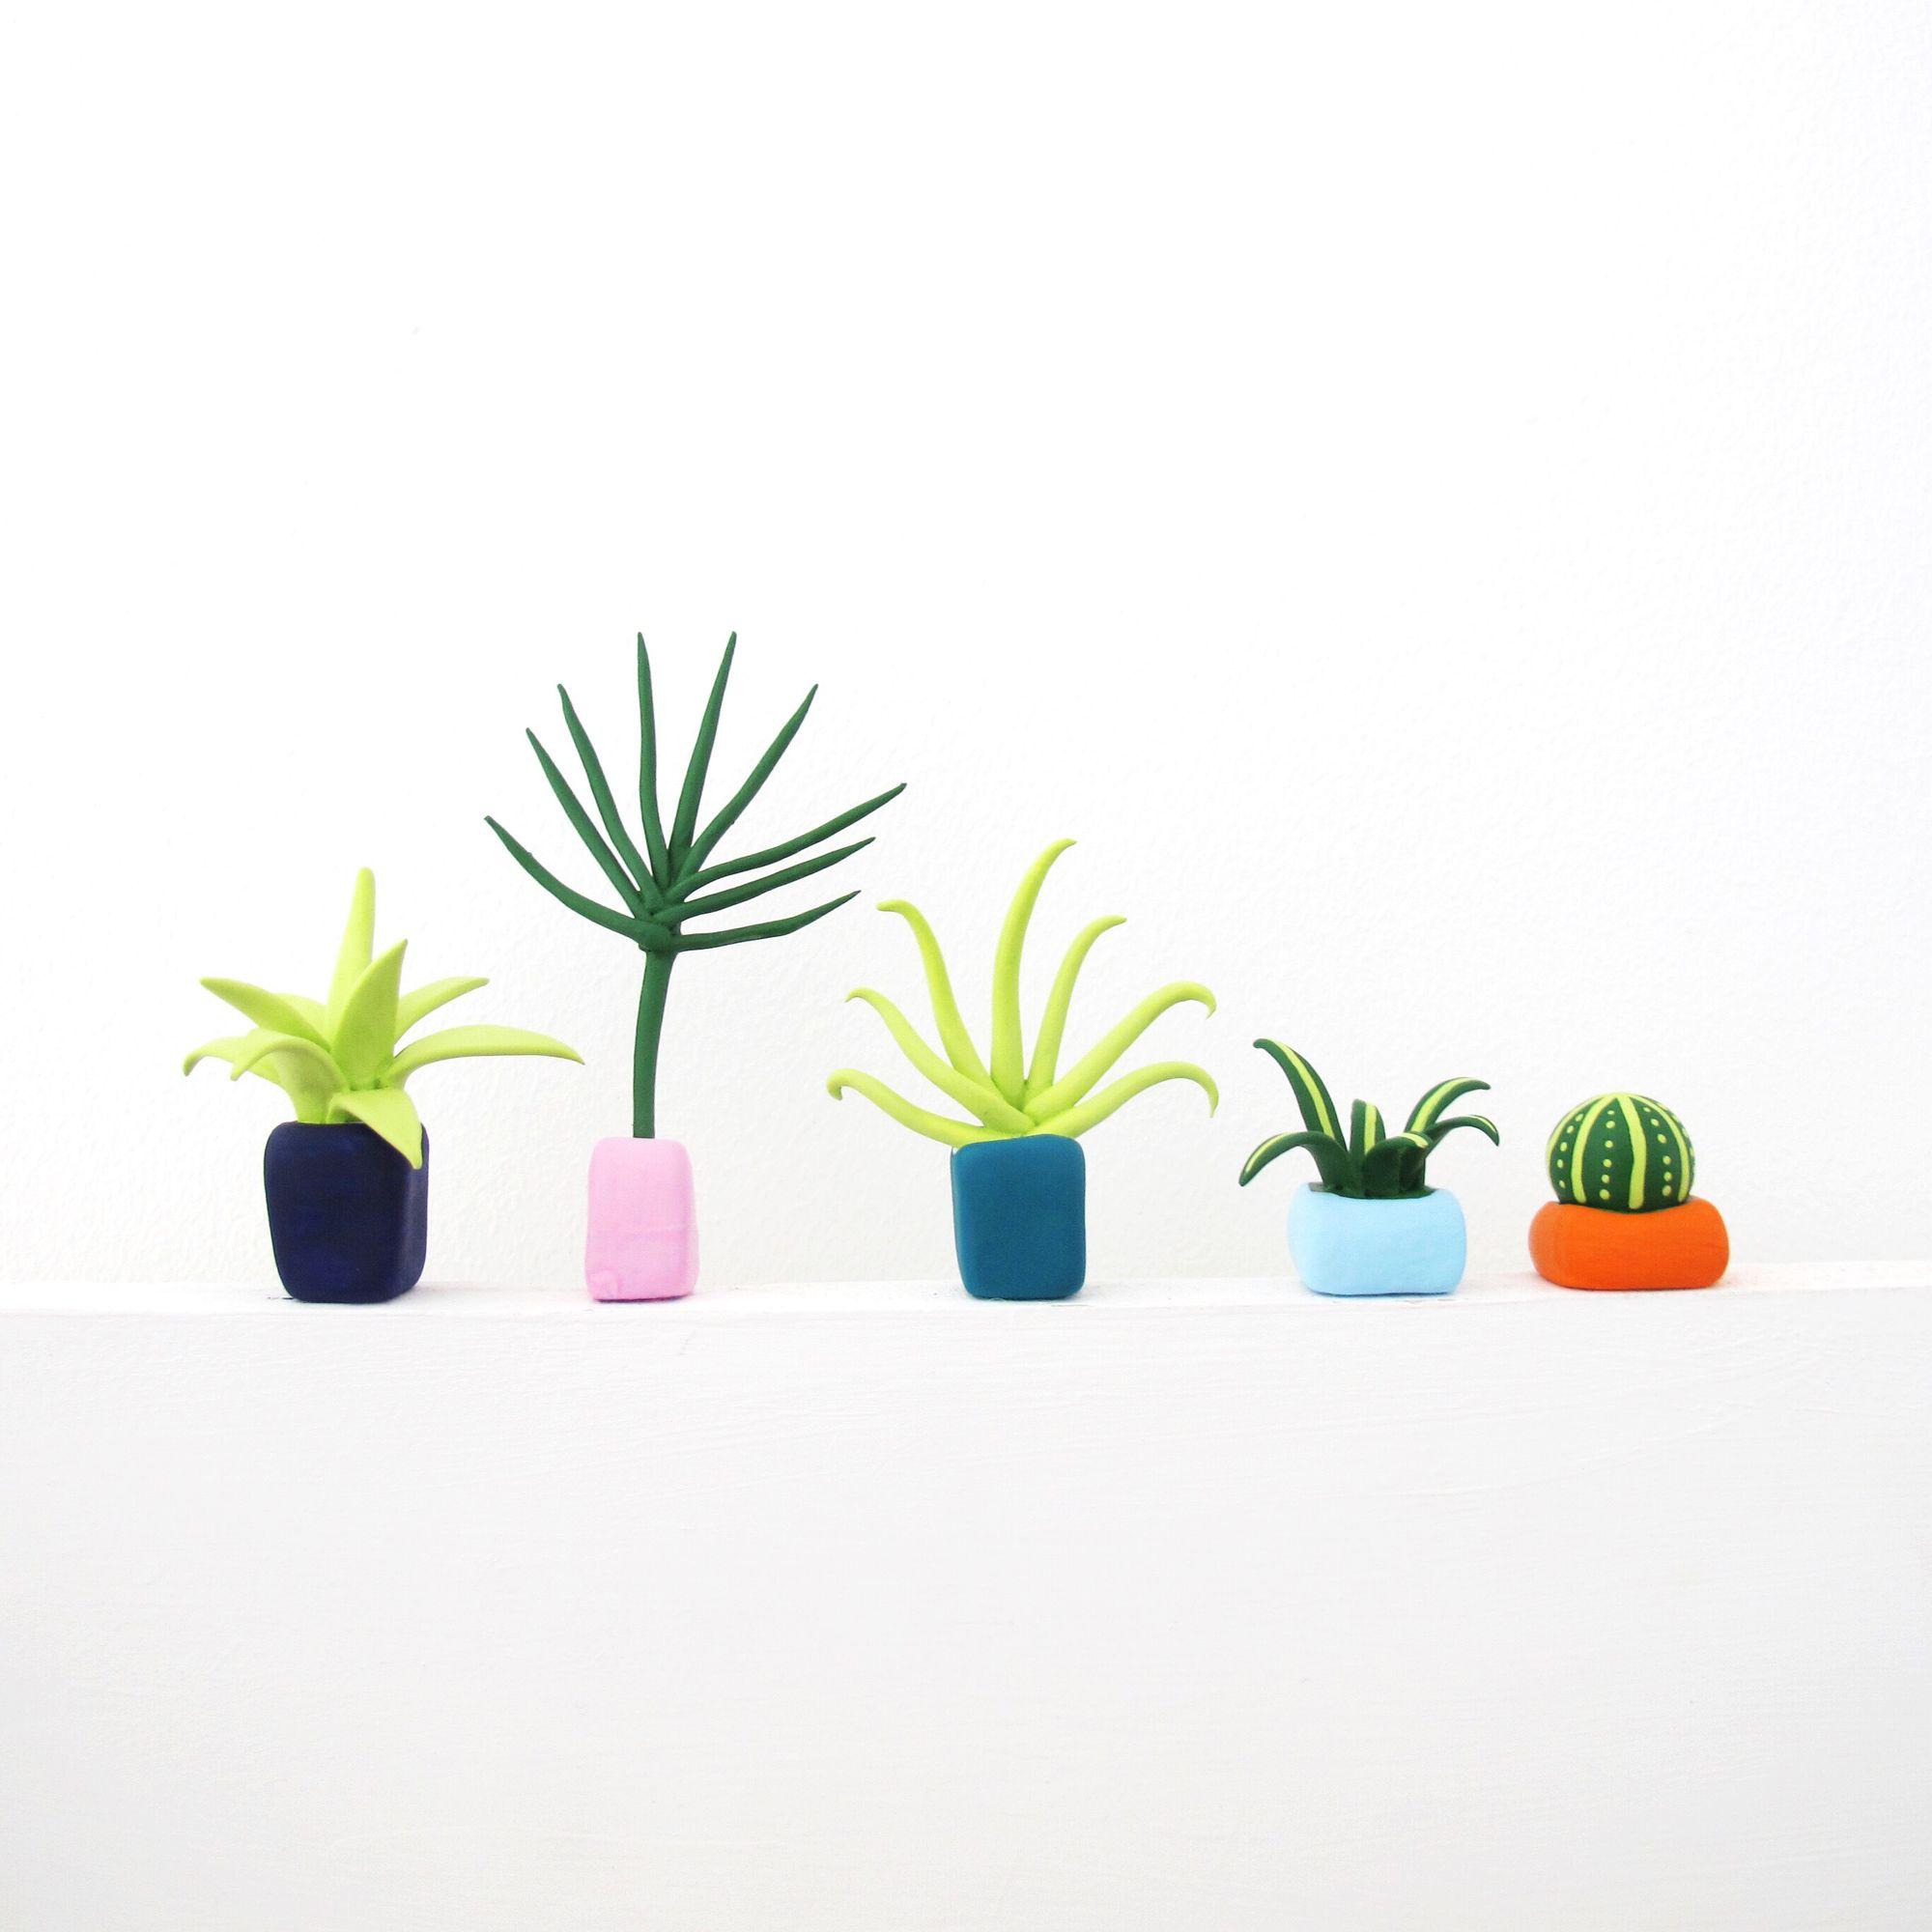 Необычные растения из полимерной глины - Фото 4